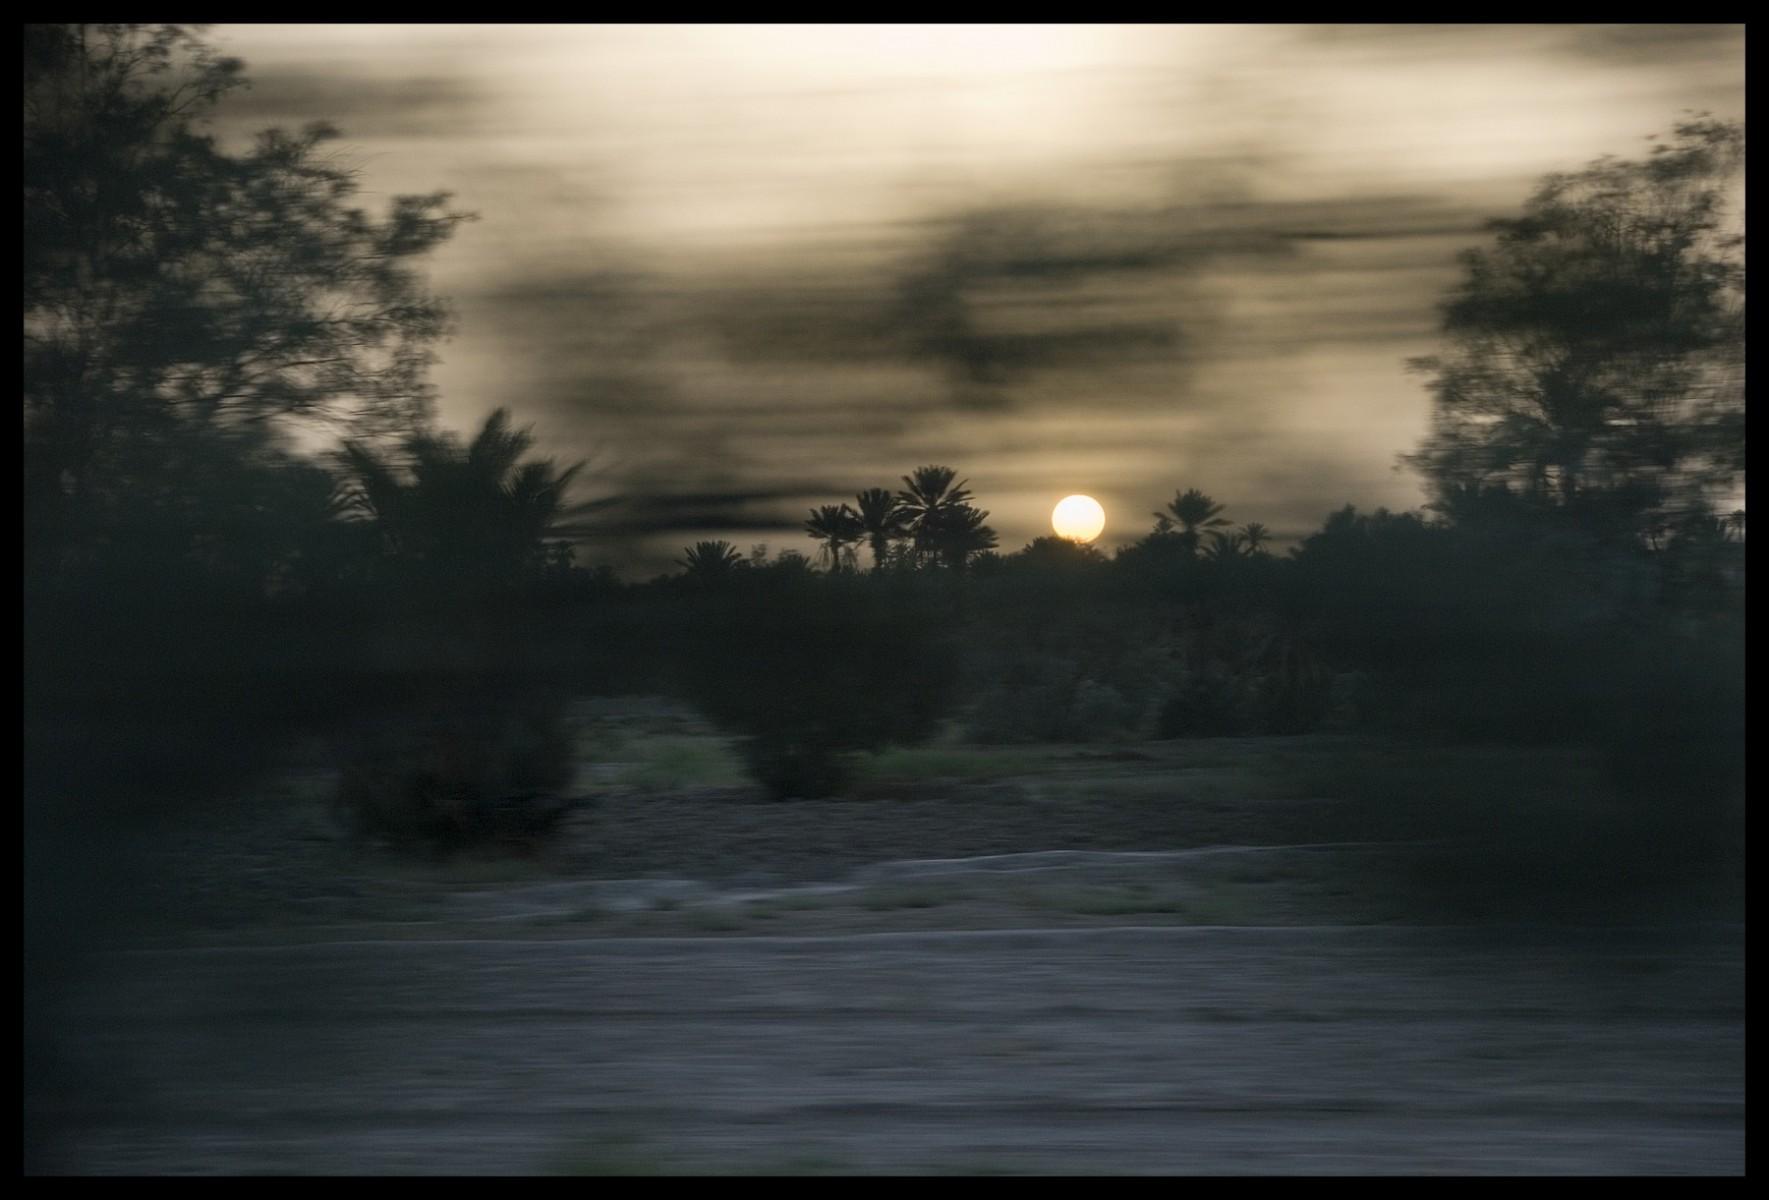 99417_DSC0166-landscape-from-bus Storie di Luce